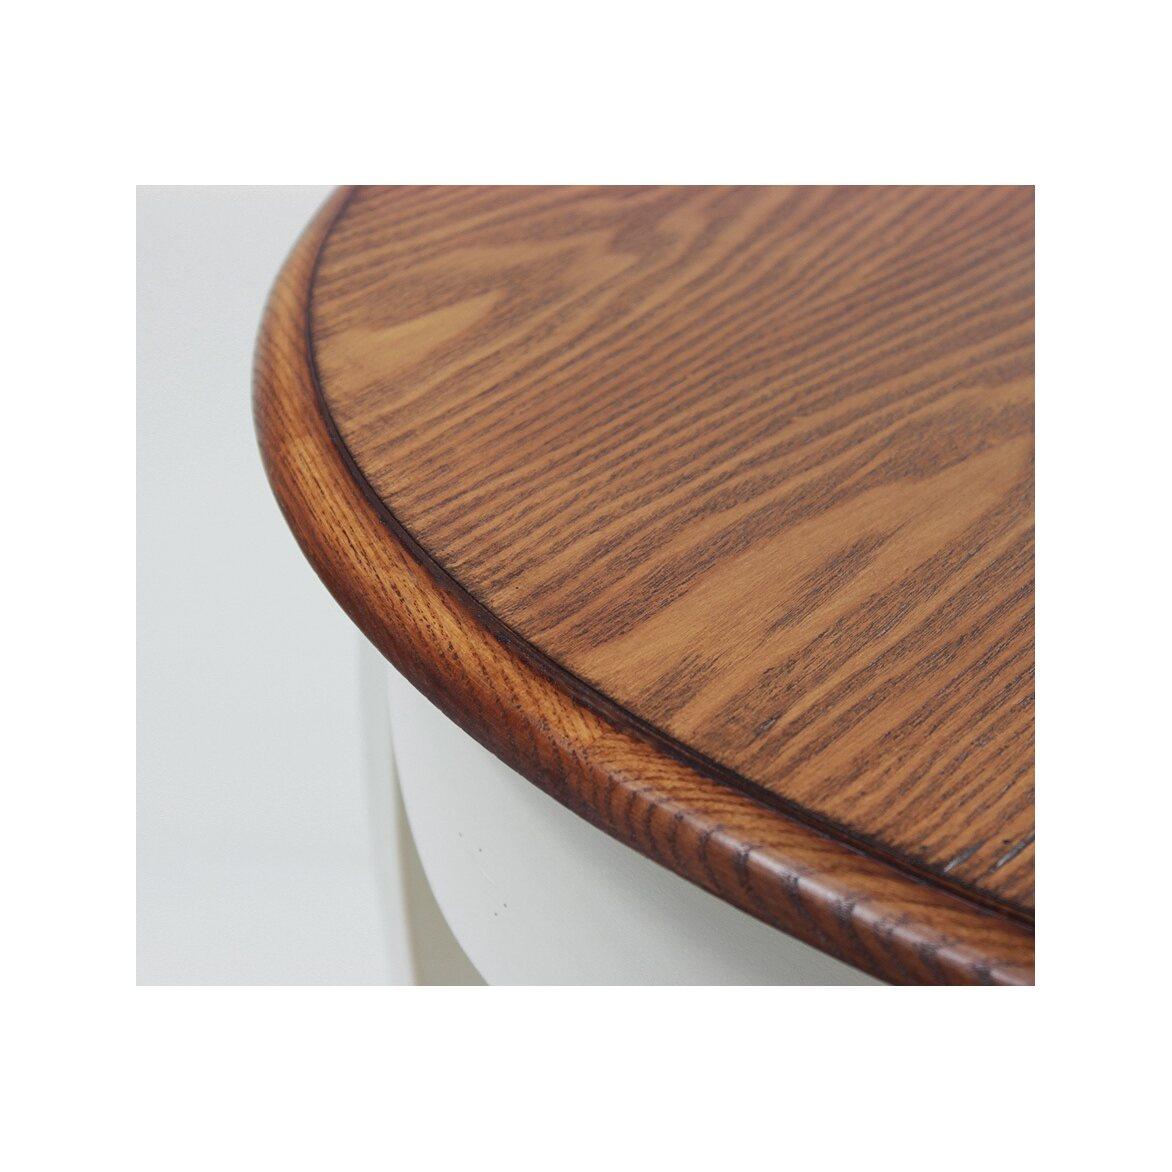 Круглый обеденный стол Leontina (малый), бежевого цвета 6 | Обеденные столы Kingsby